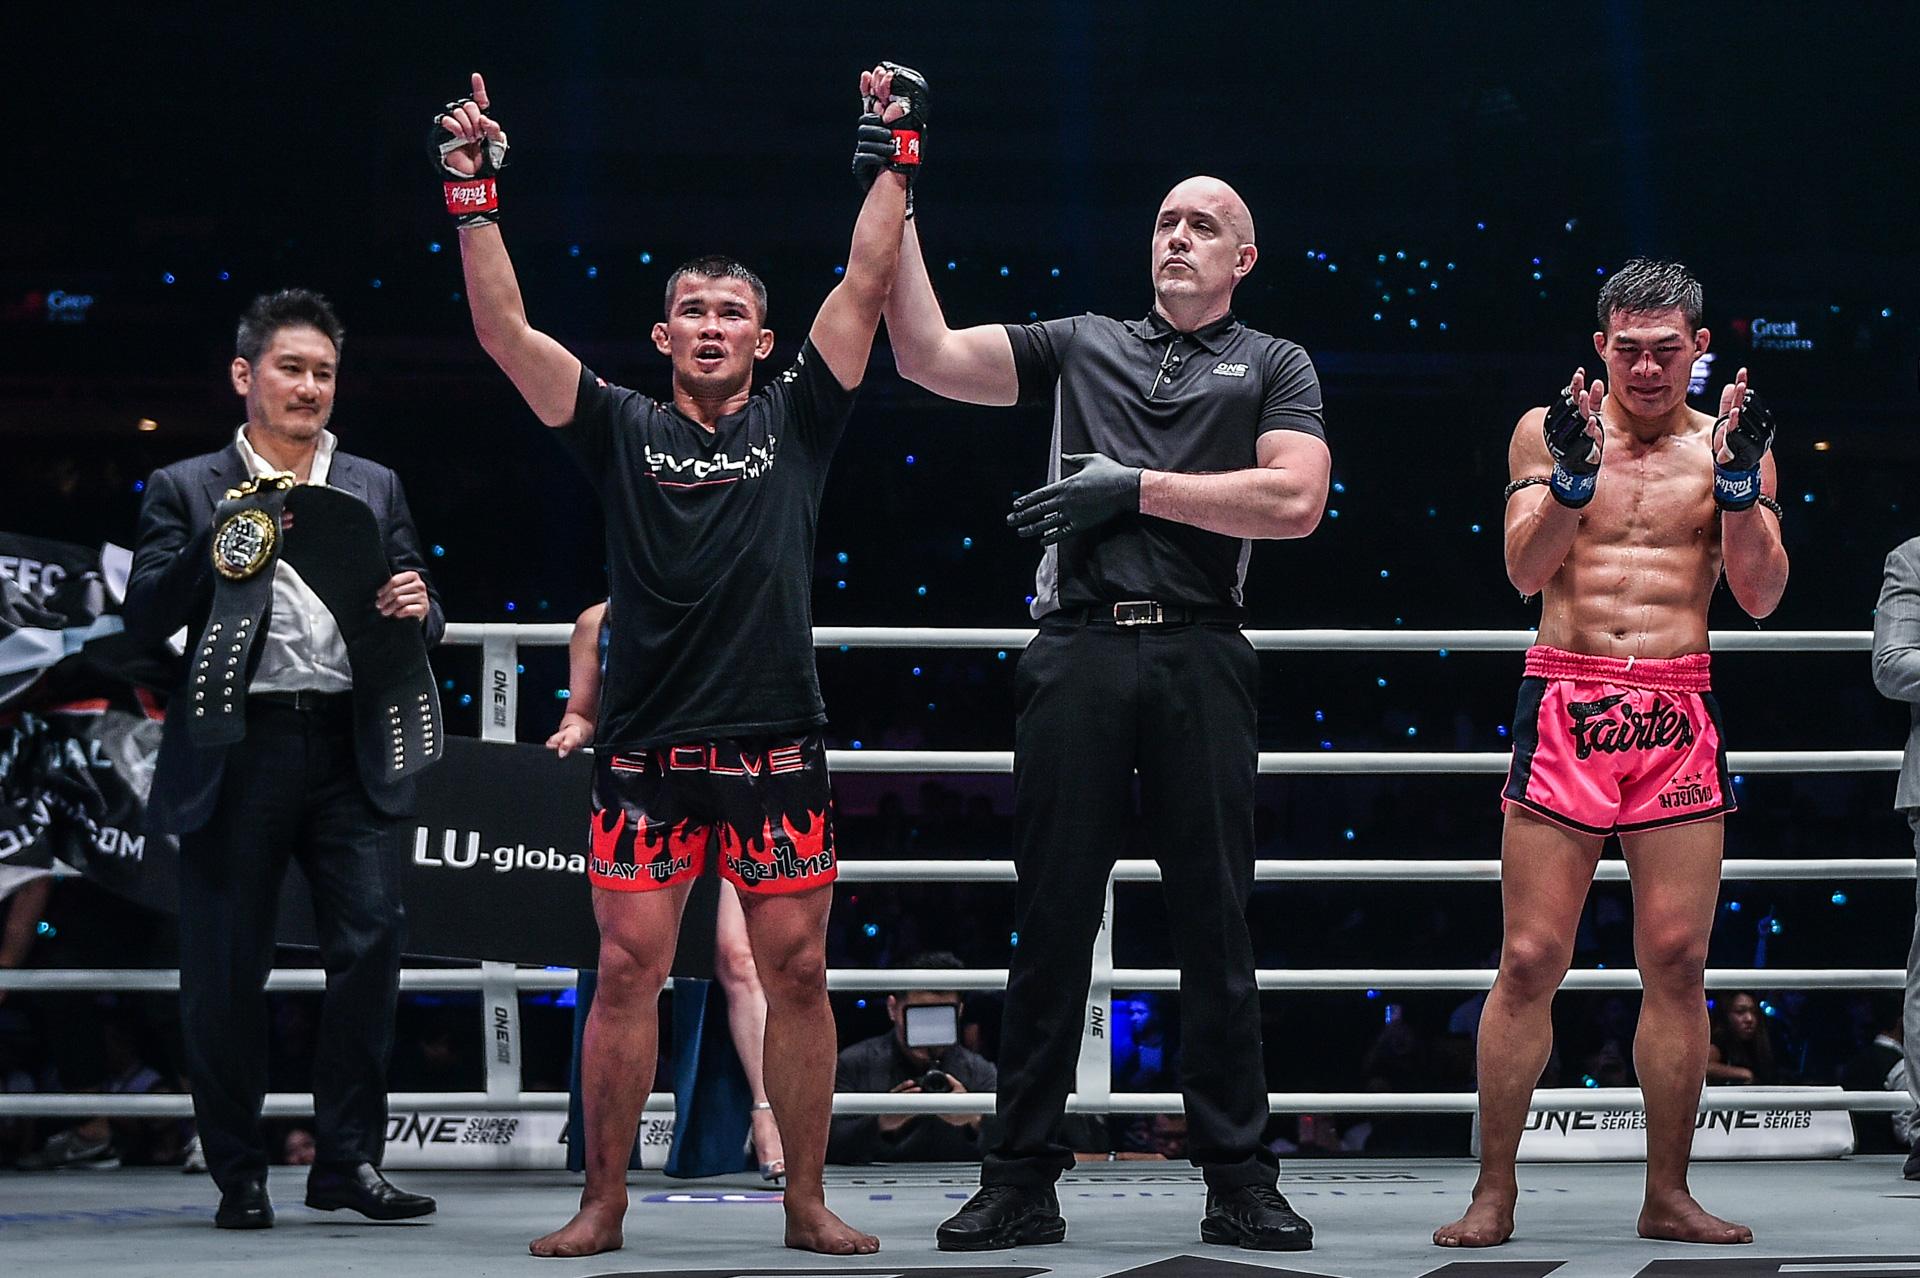 ONE冠军赛新加坡站结束,泰国传奇霸气三度卫冕